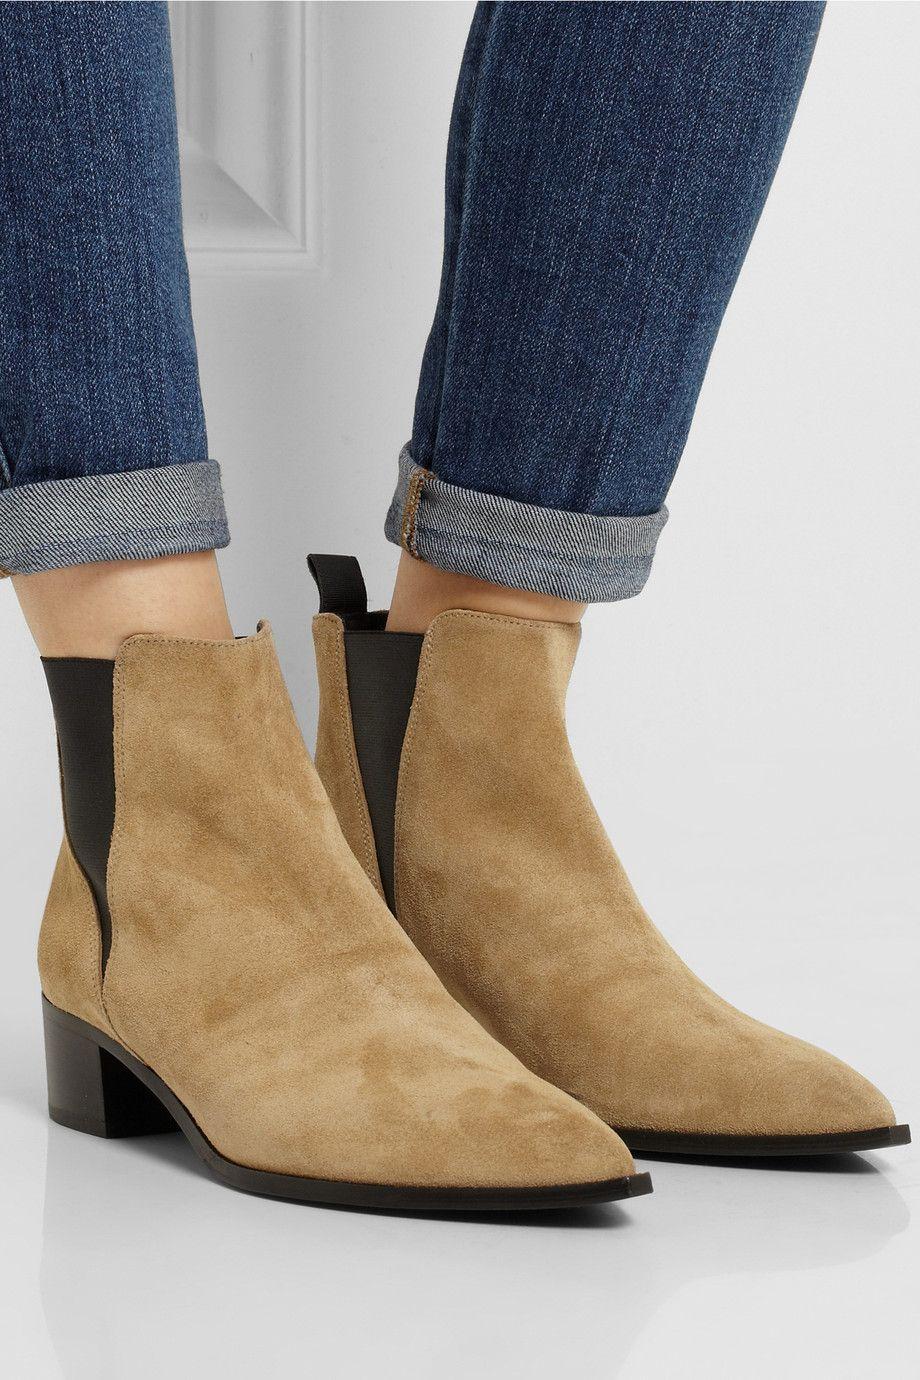 c8d203a8495 Acne Studios | Jensen suede ankle boots | NET-A-PORTER.COM | for me ...